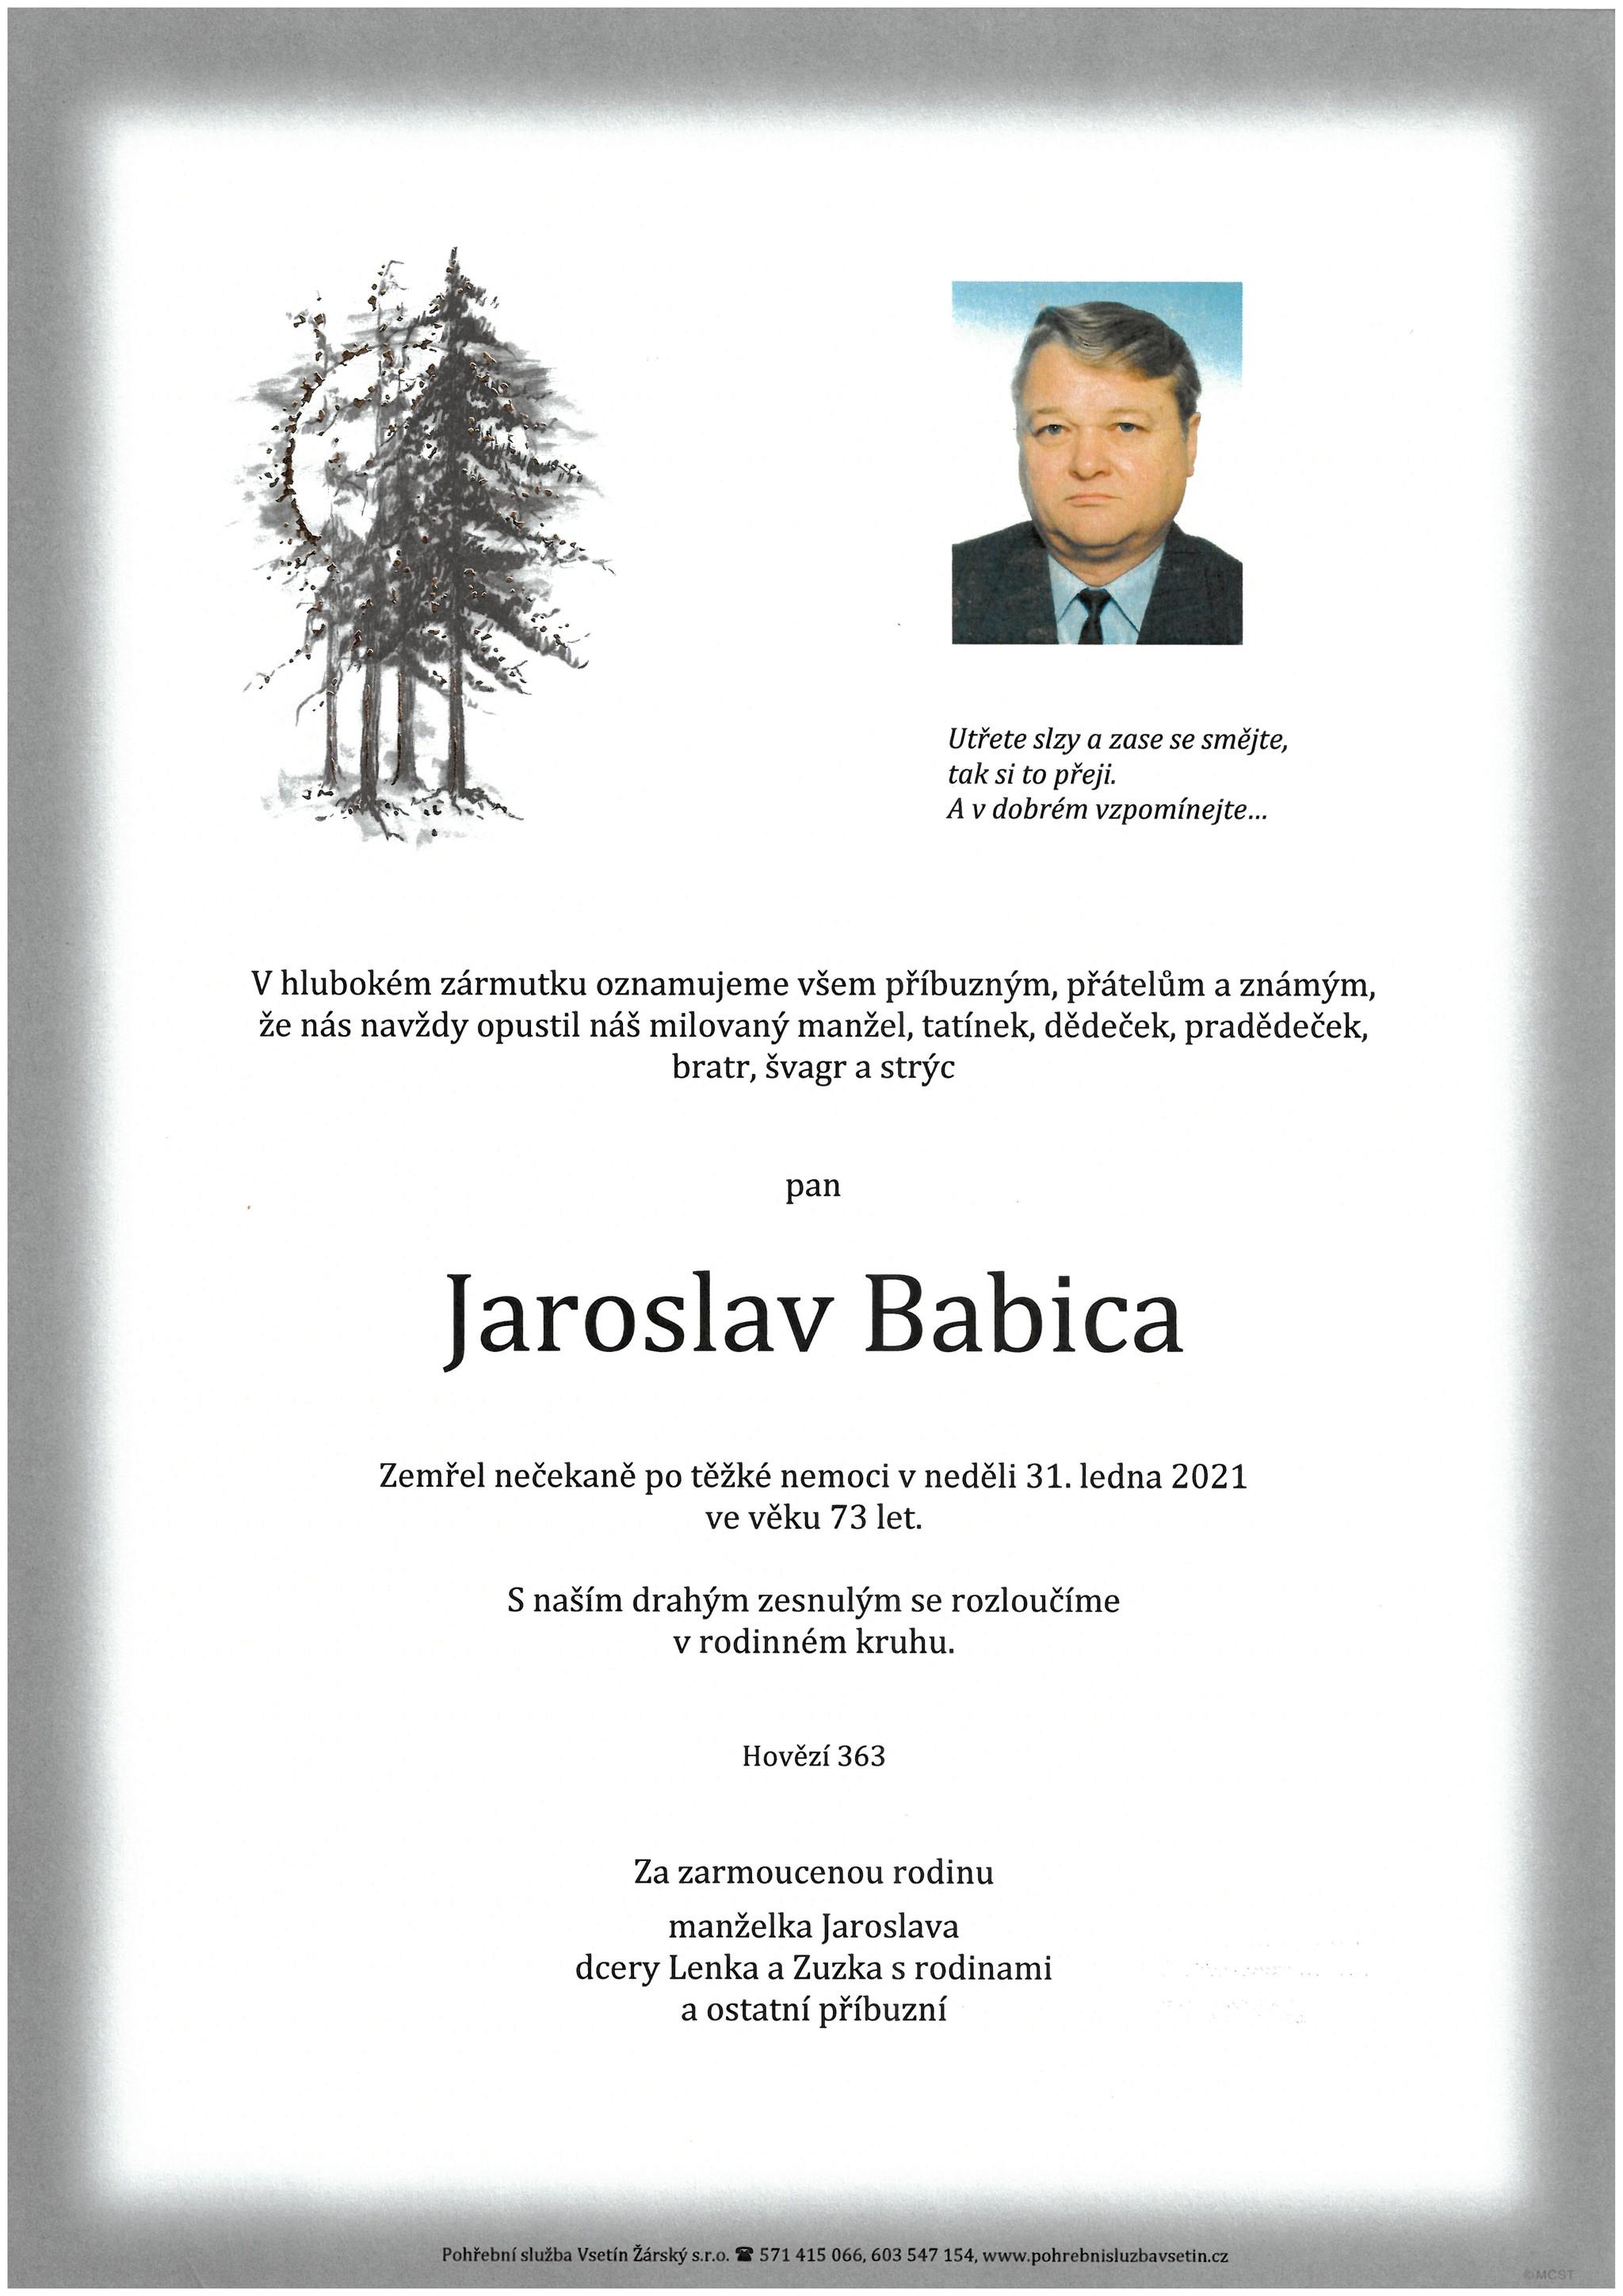 Jaroslav Babica